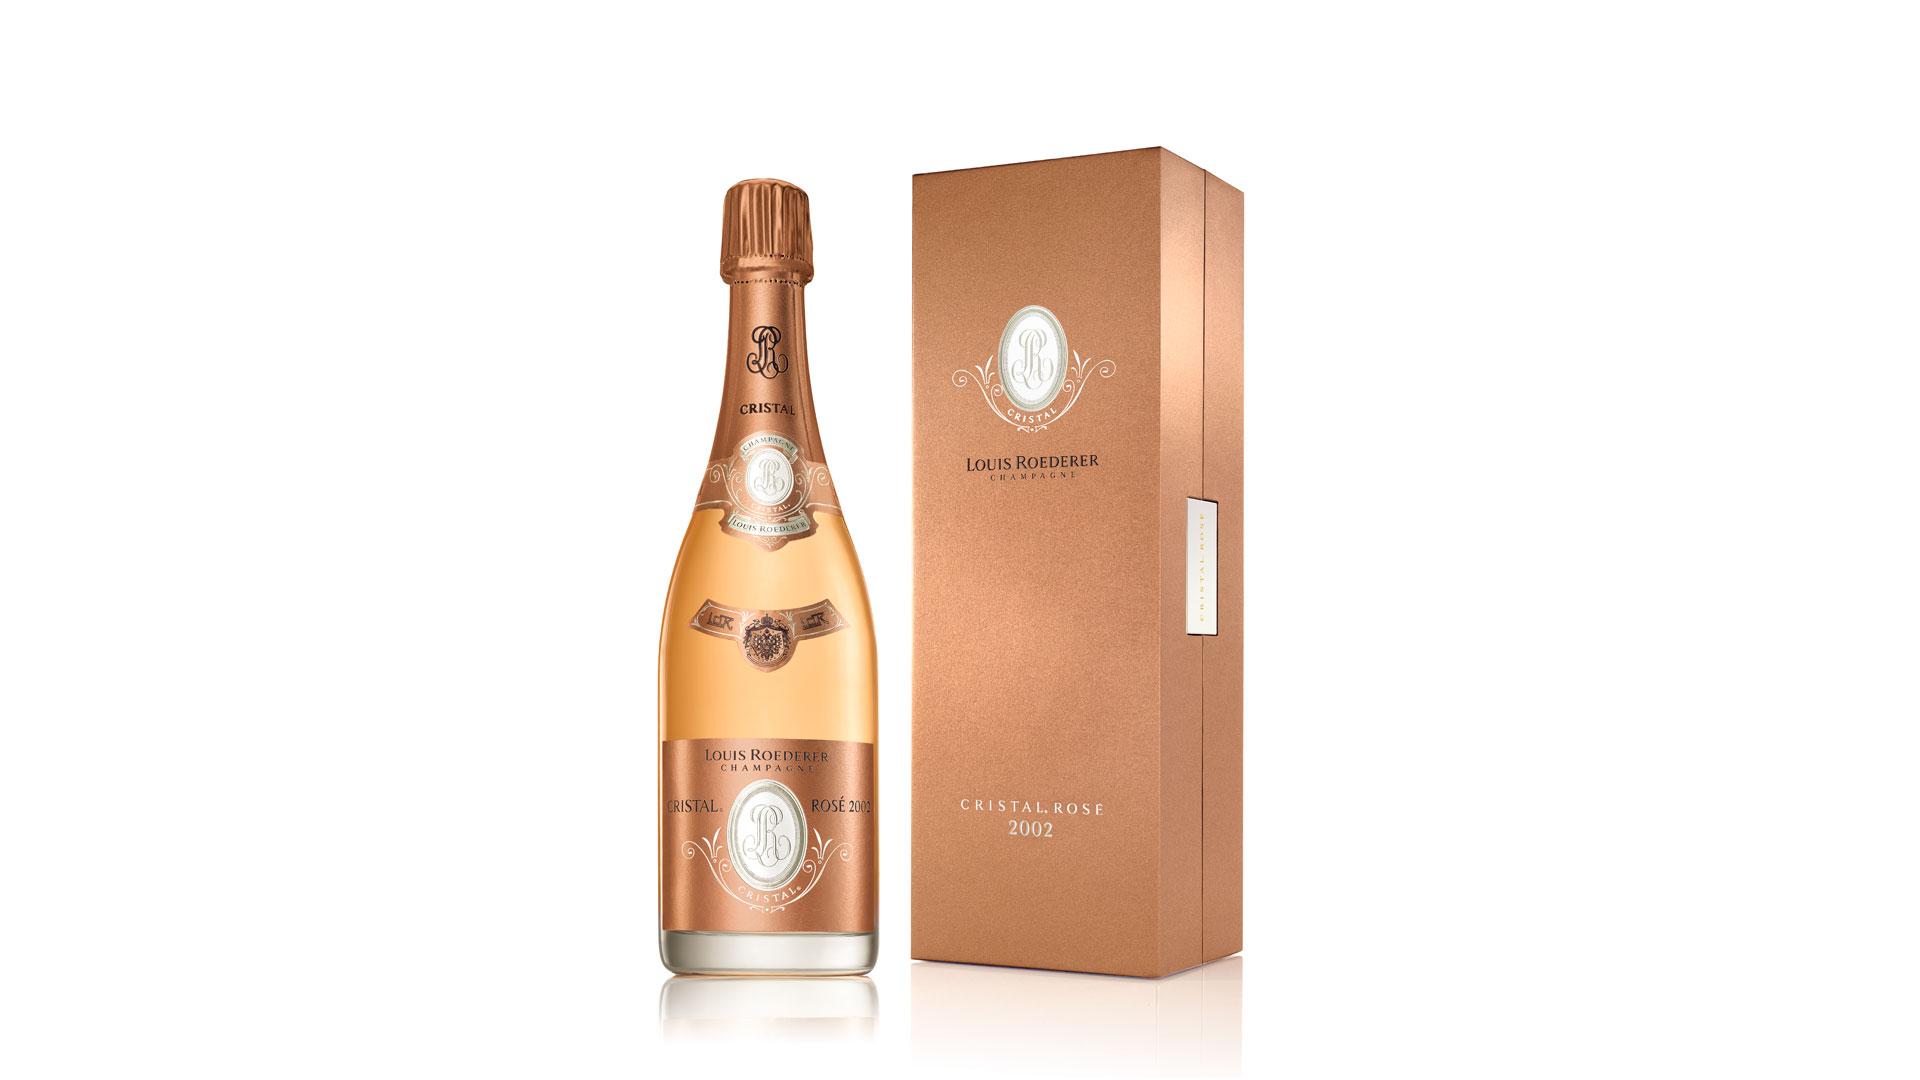 Imagen del champagne Cristal Rosé de Louis Roederer